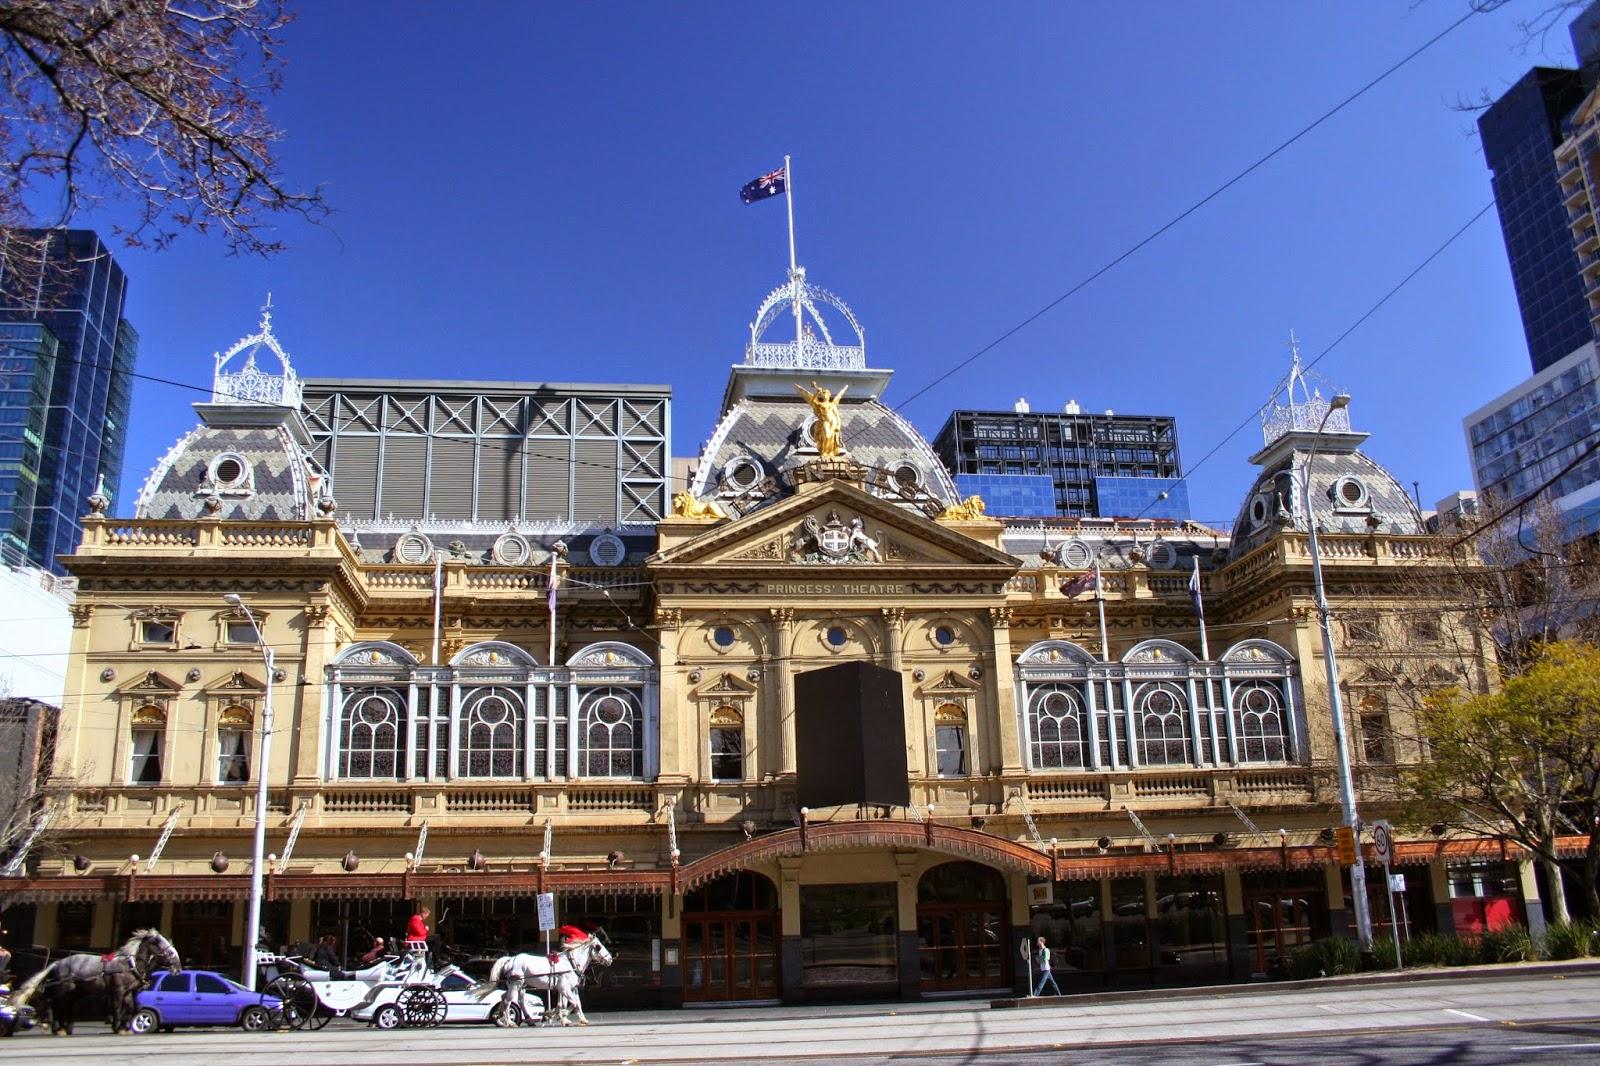 Princess_Theatre,_Melbourne,_Australia